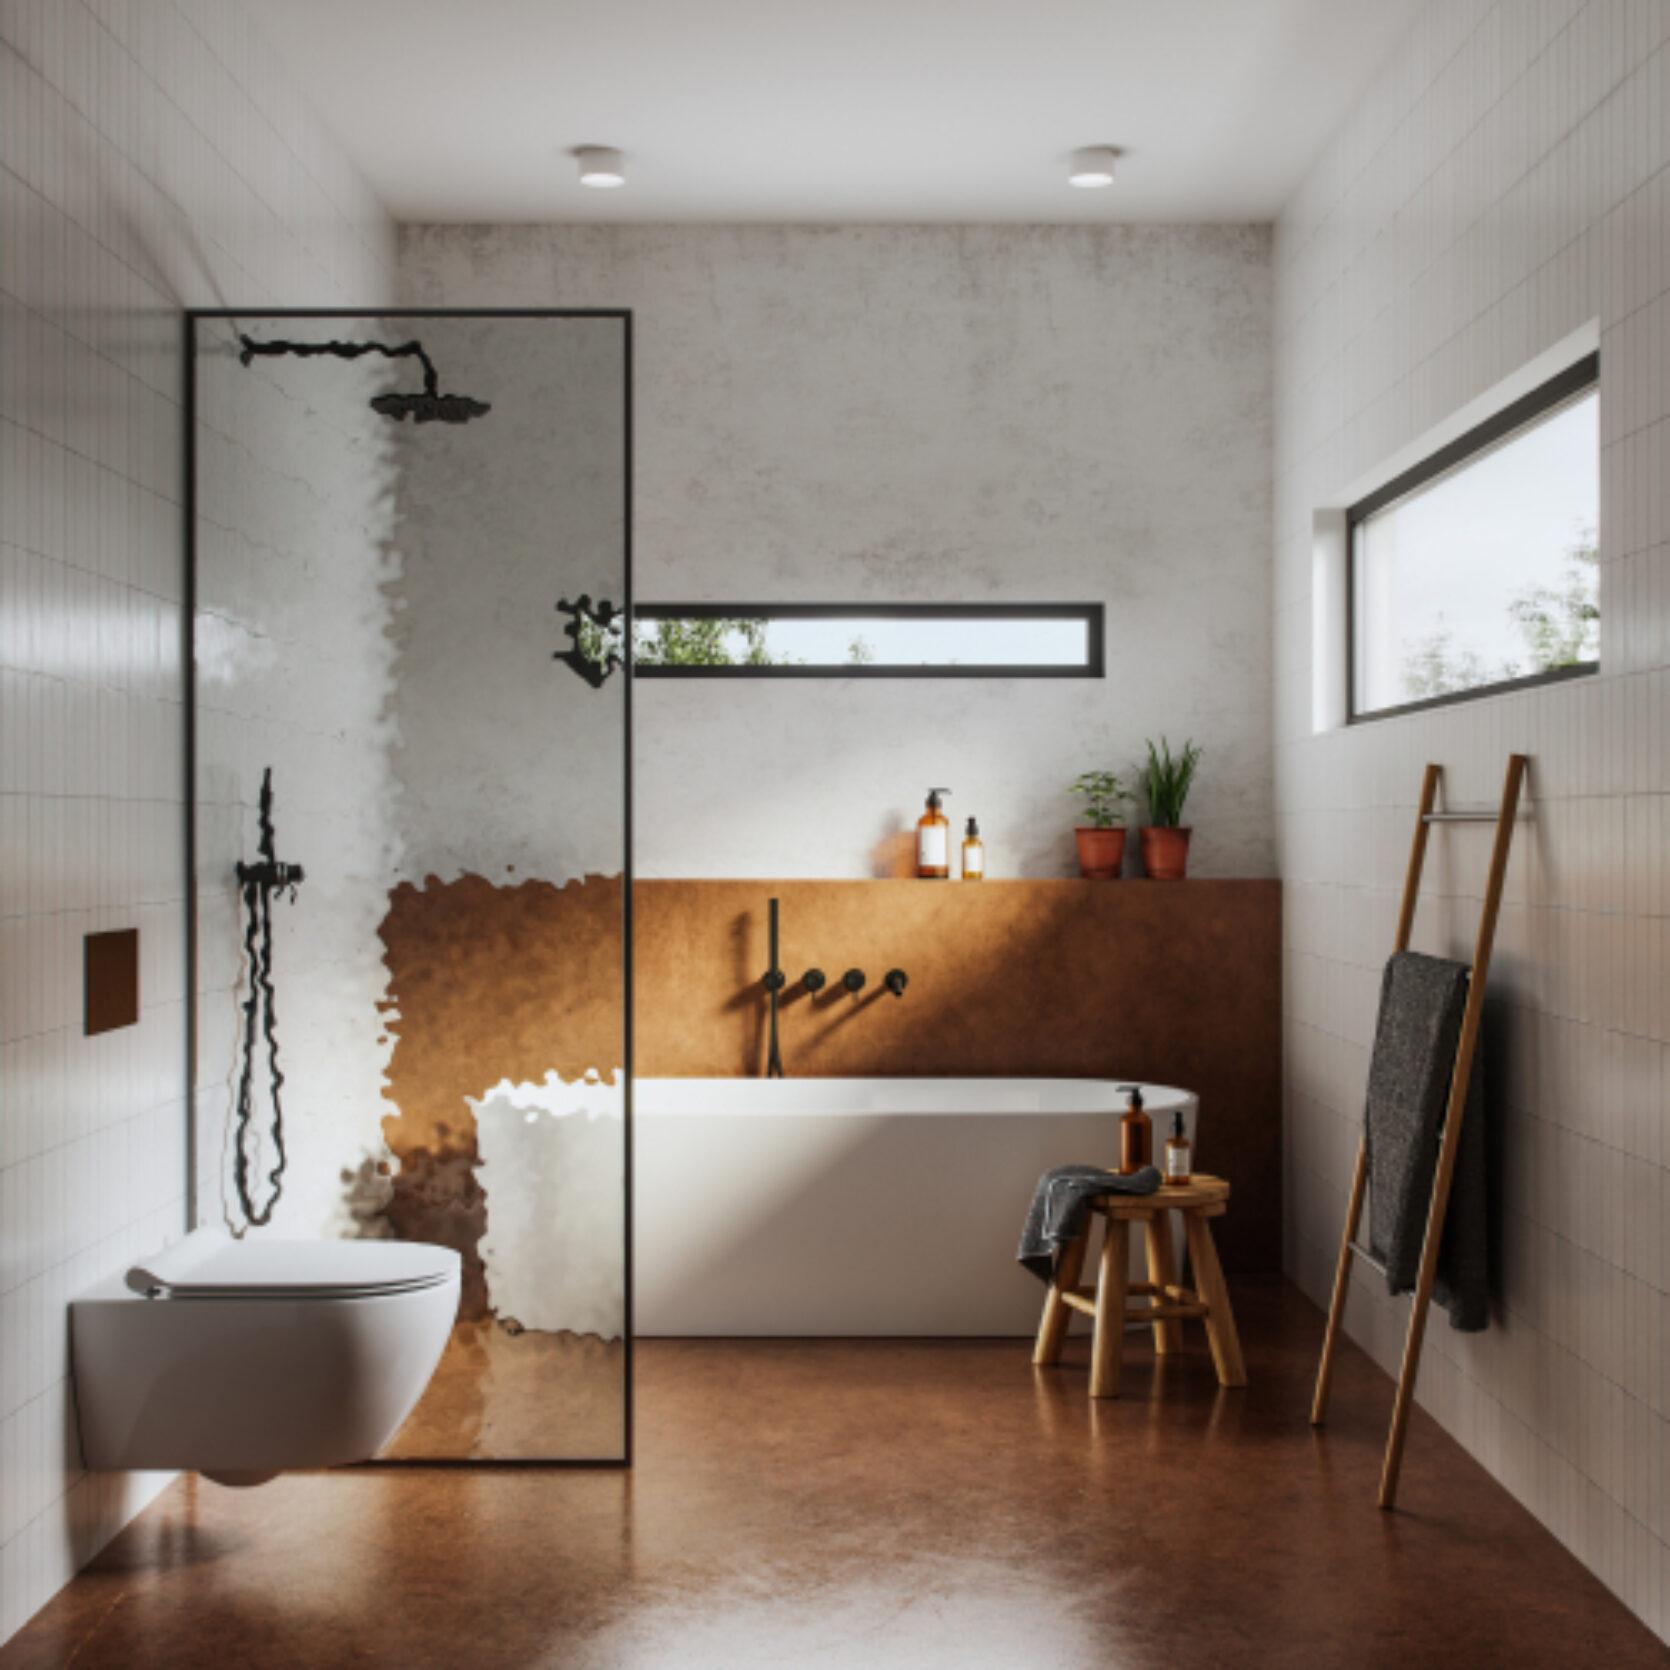 Bad med jordfarge og hvite vegger, moderne innredning med badekar.